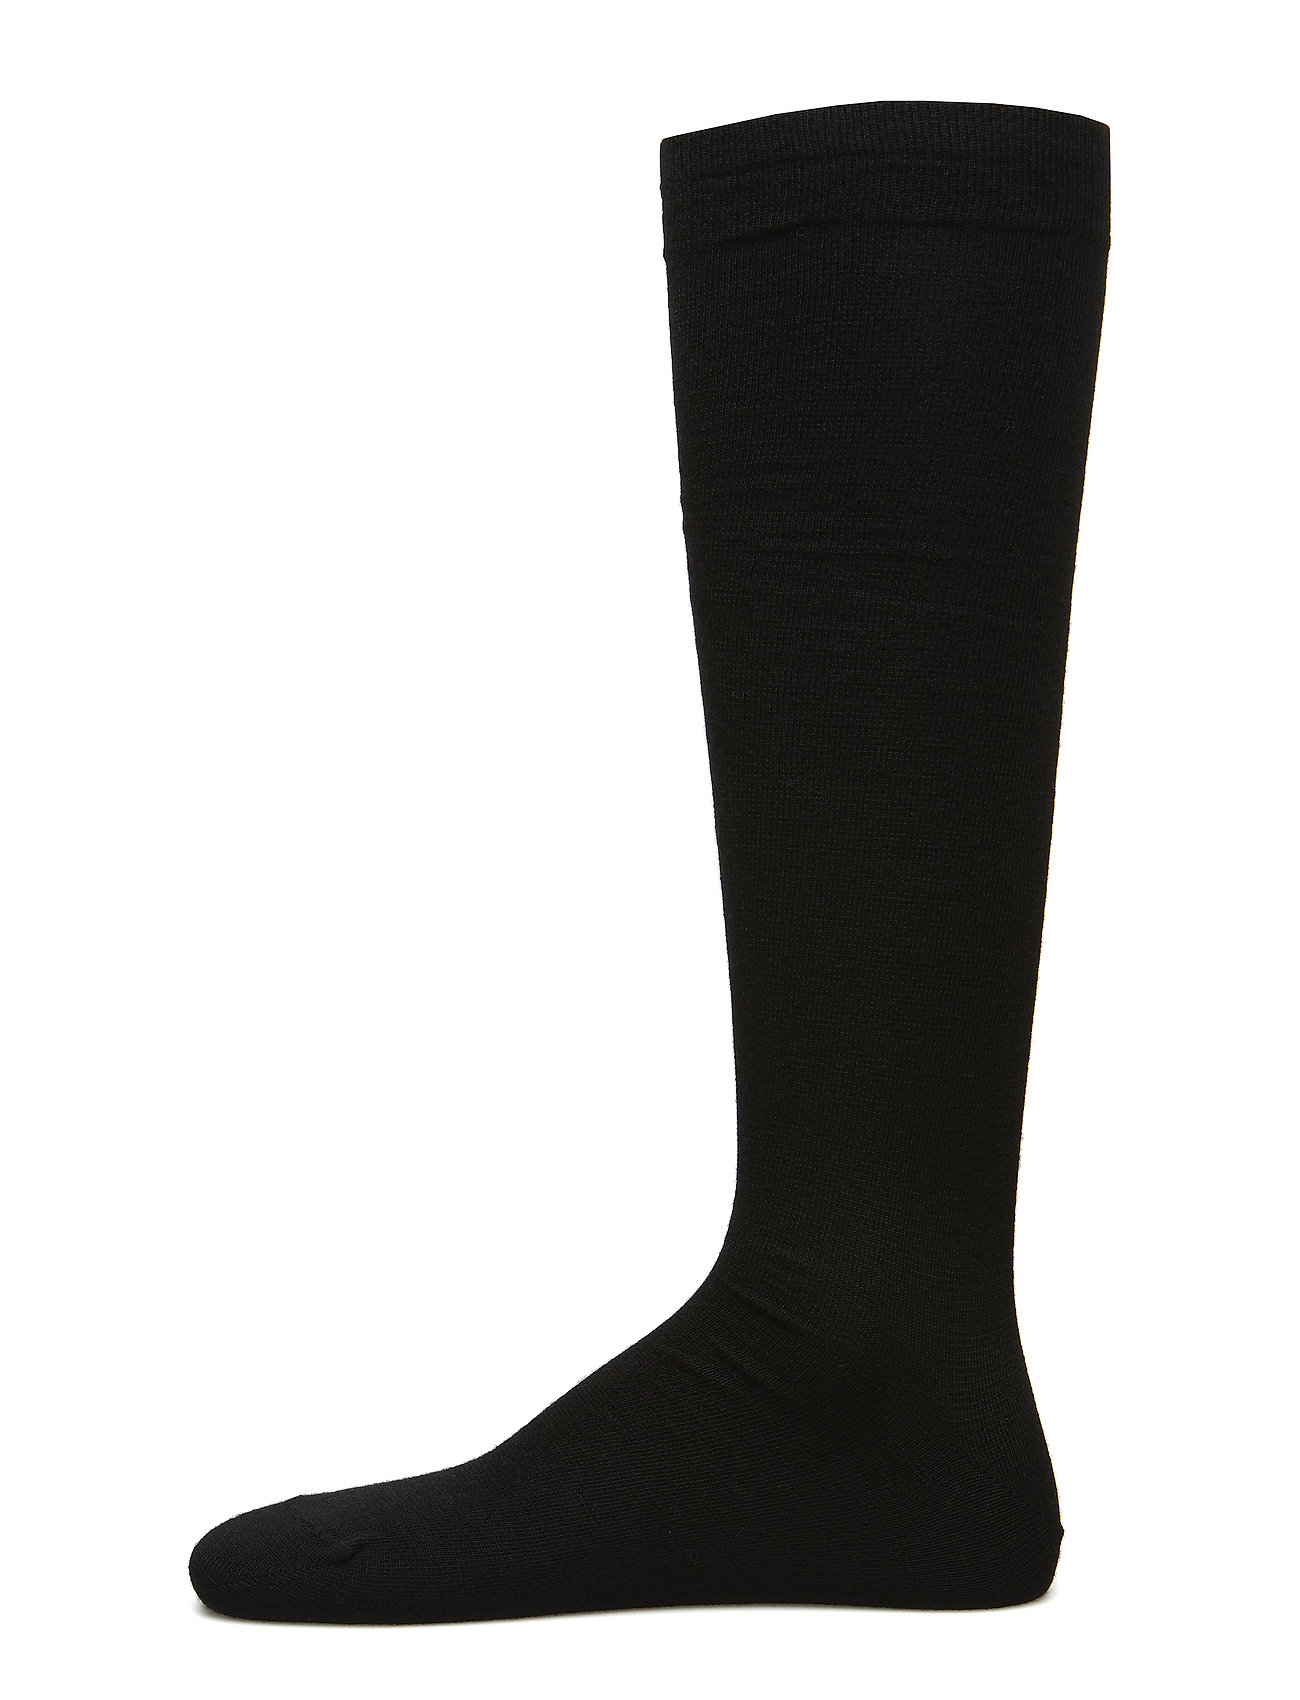 Image of Egtved Socks Twin Kneehigh , Underwear Socks Regular Socks Sort Egtved (3101135379)